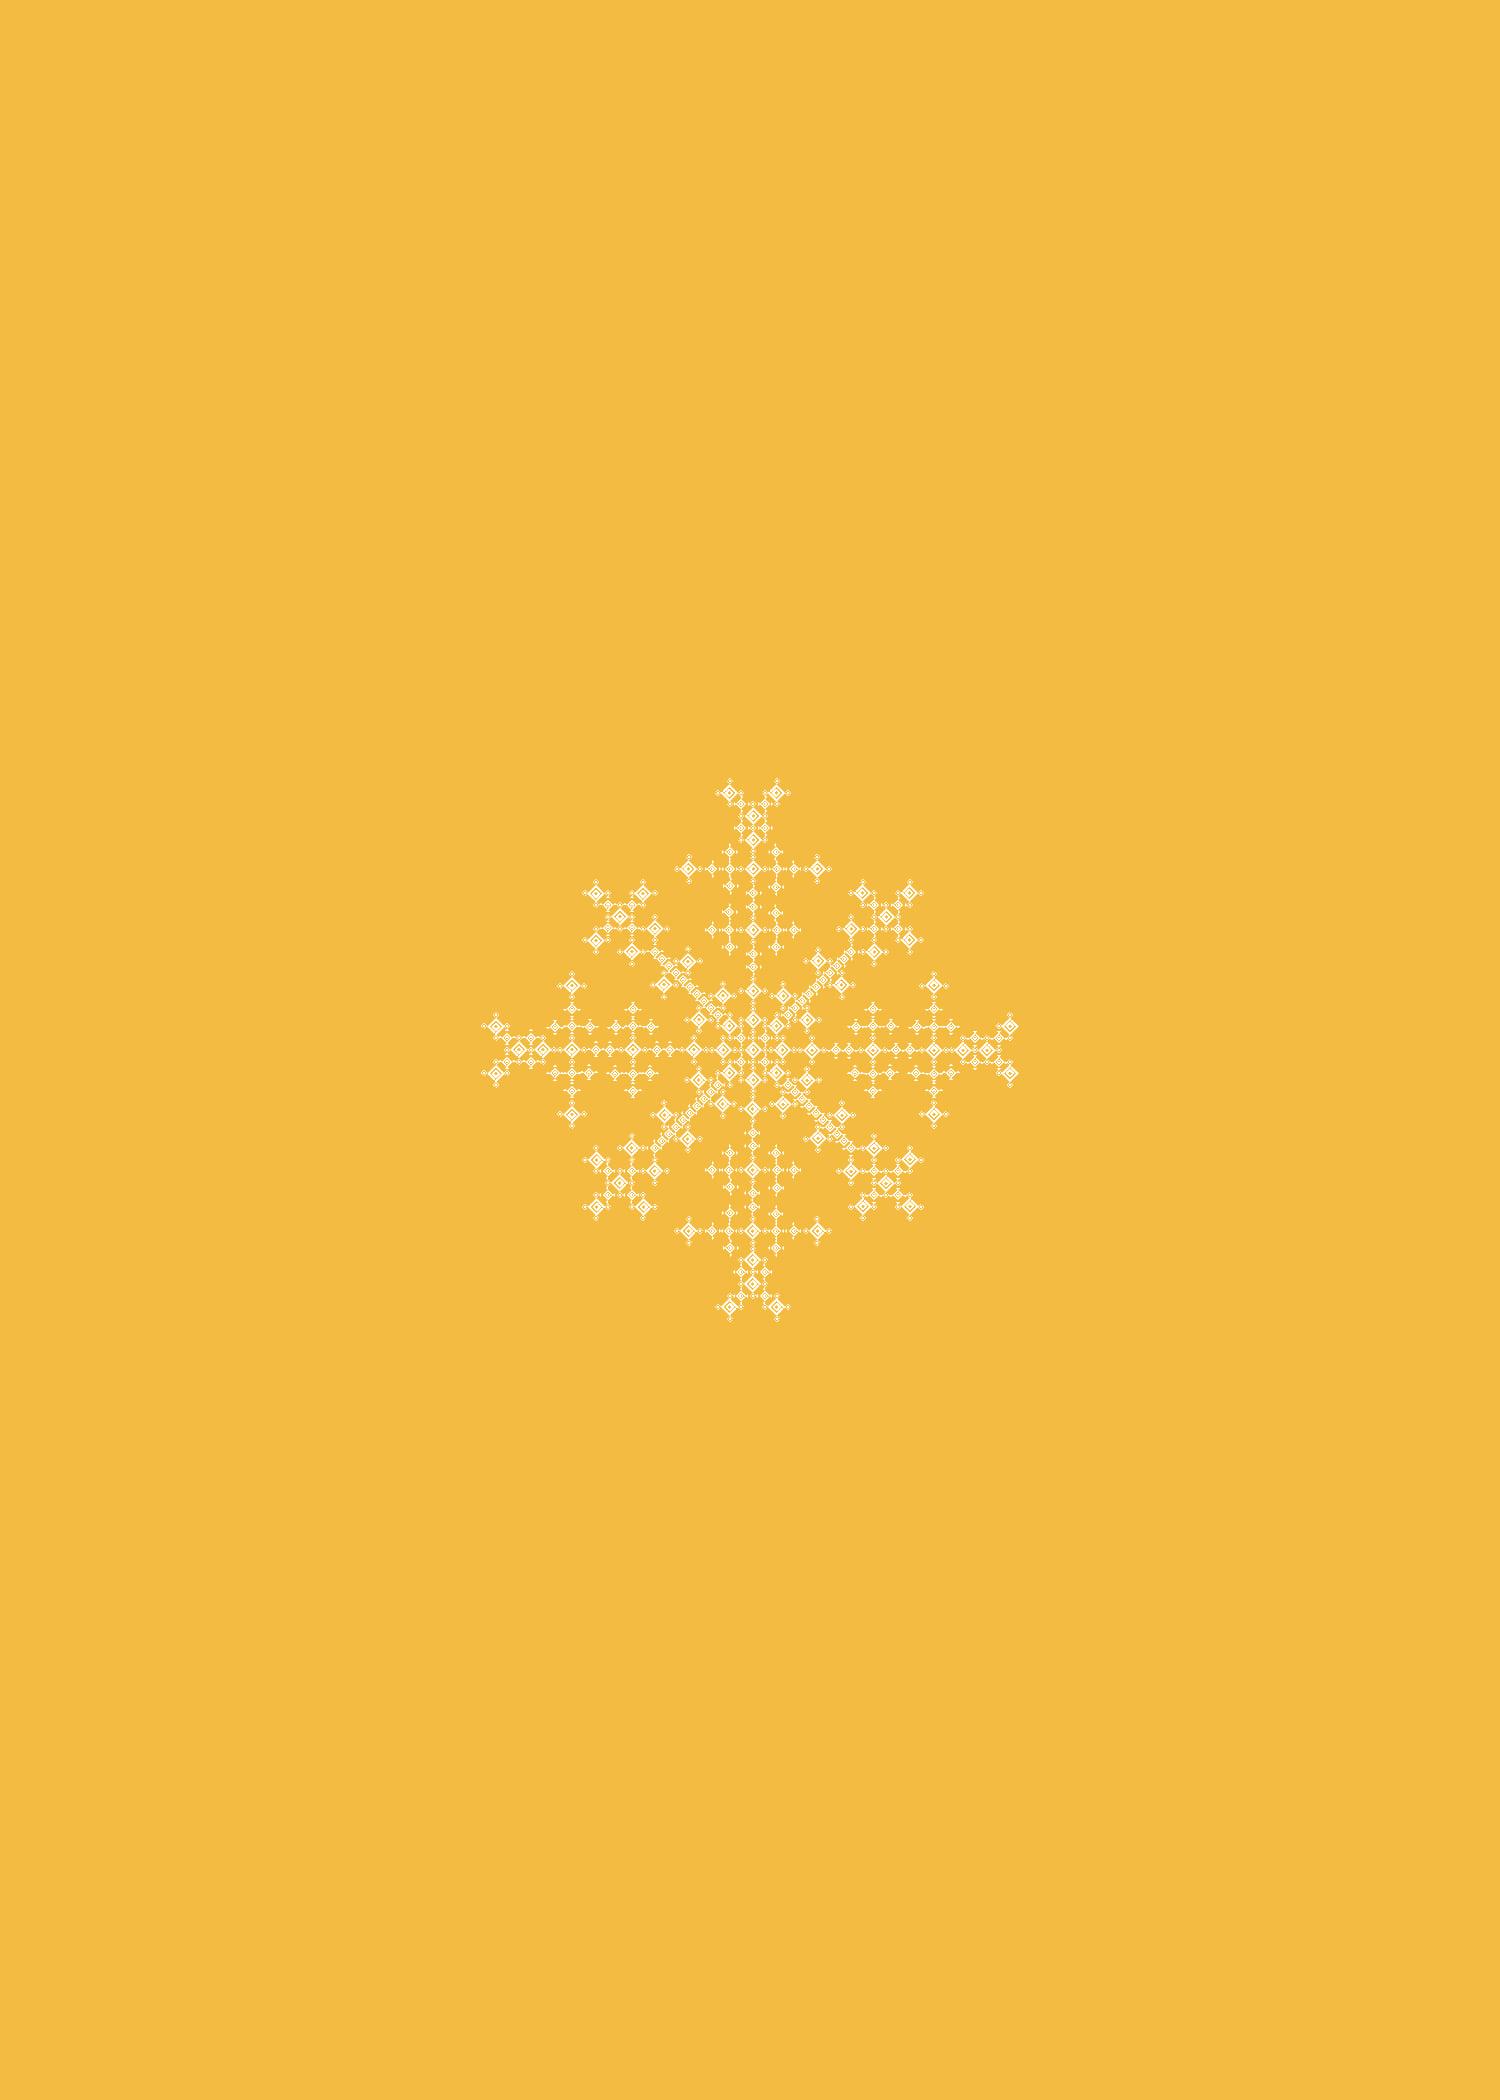 ioa_holidaycard2019_v1_100819-02